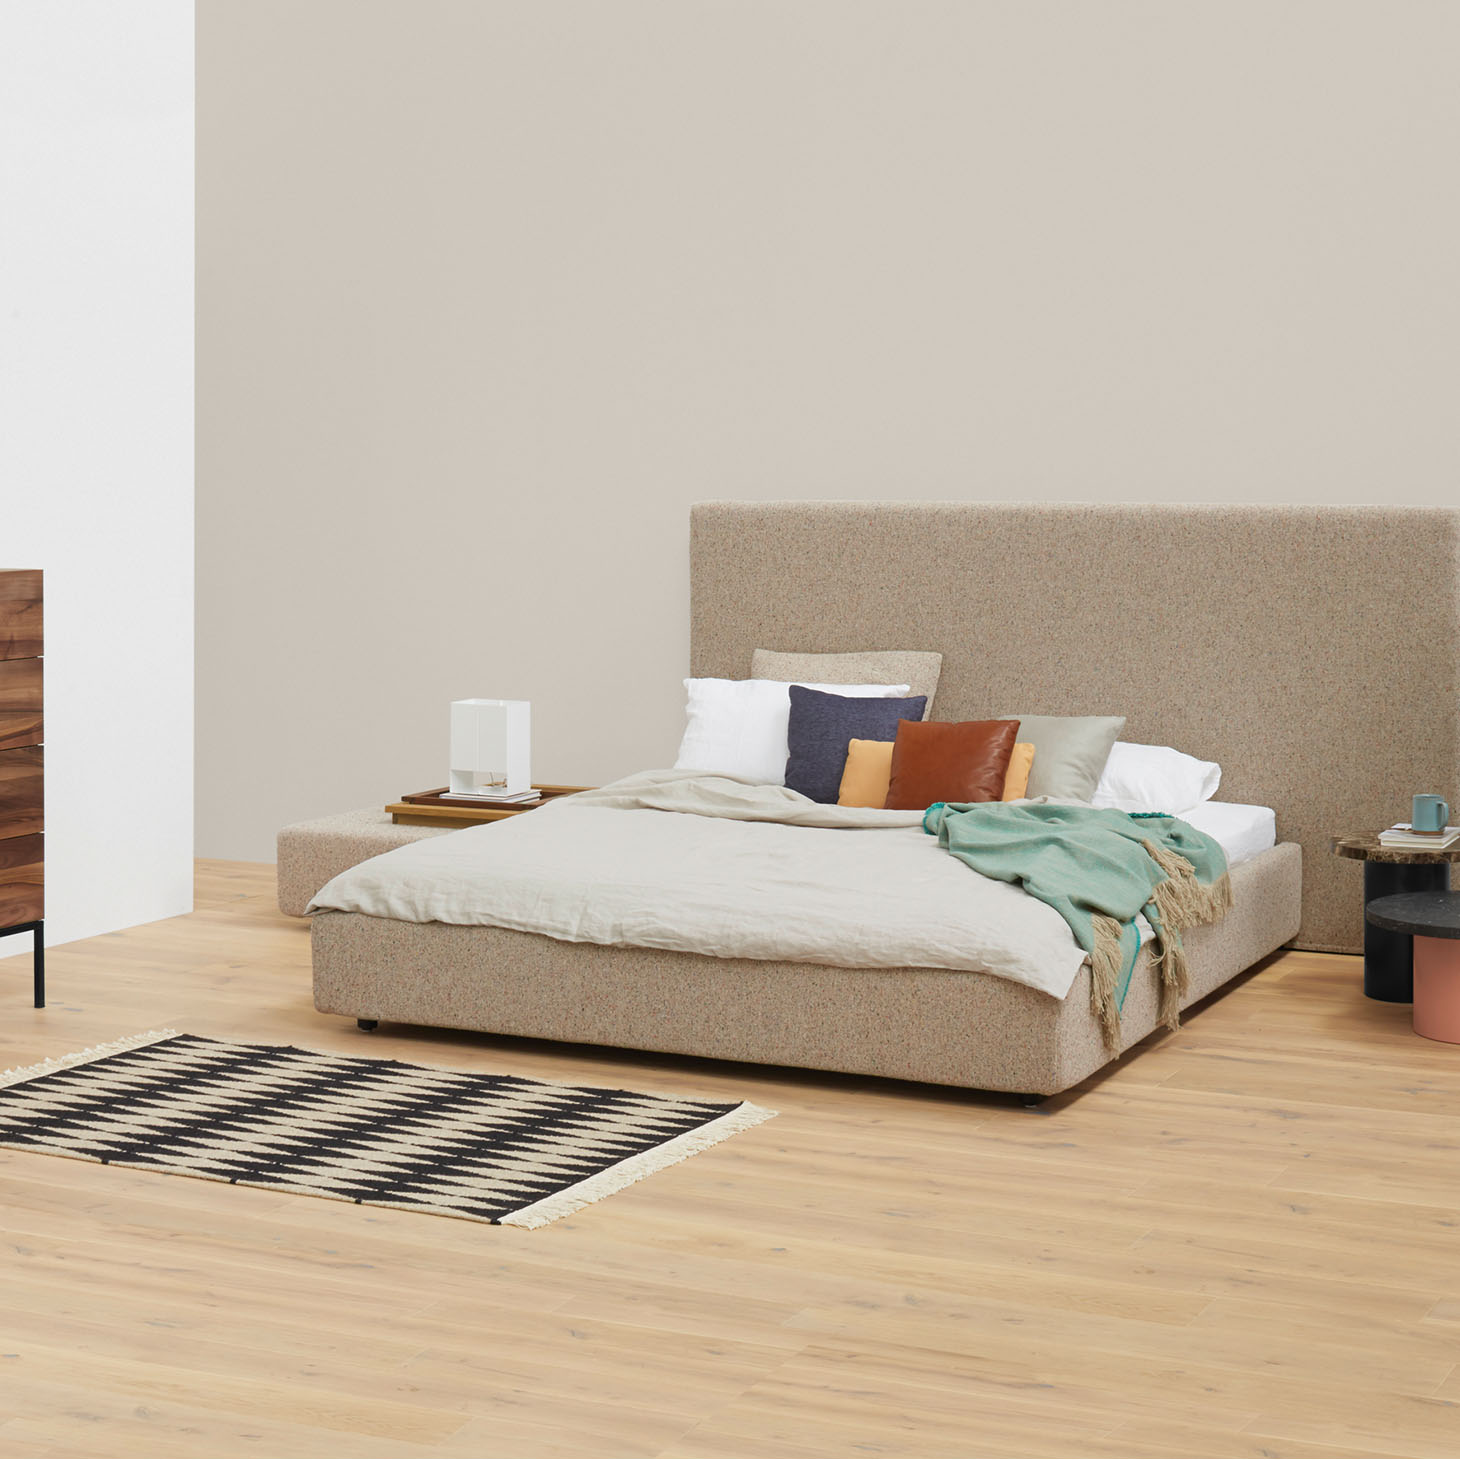 Pardis Bed